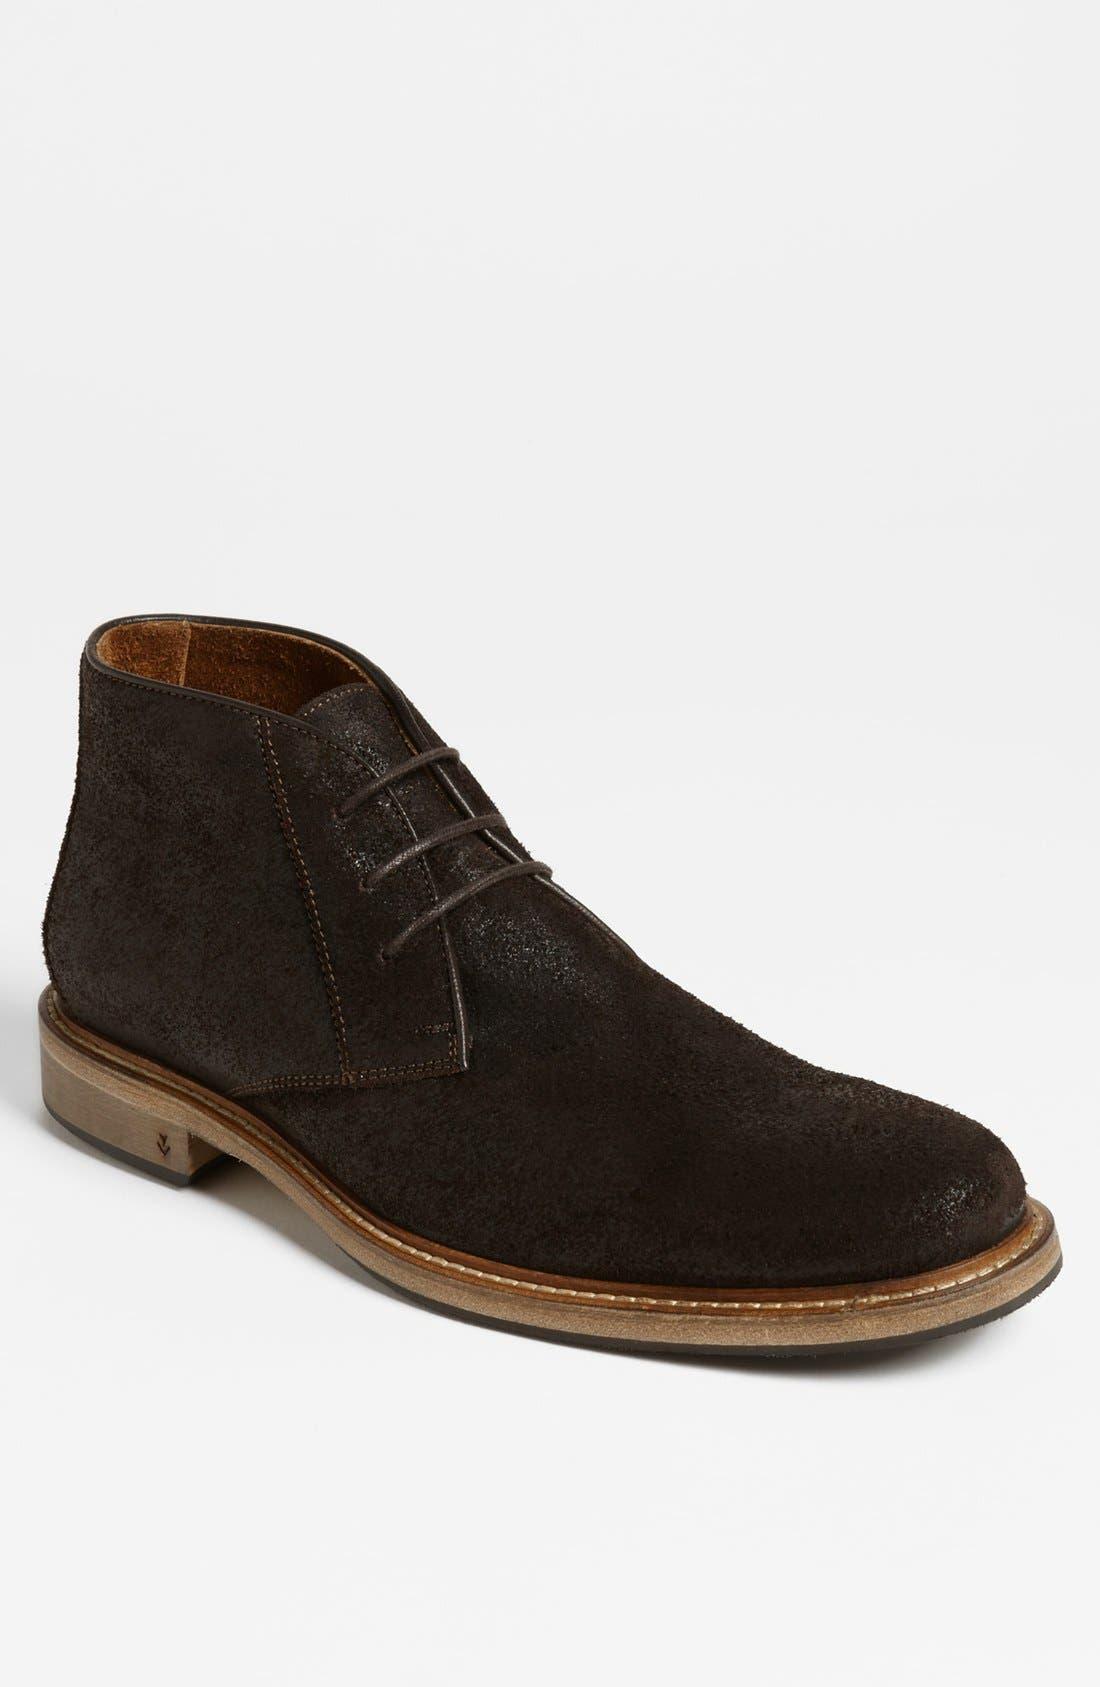 Main Image - John Varvatos Collection 'College' Chukka Boot